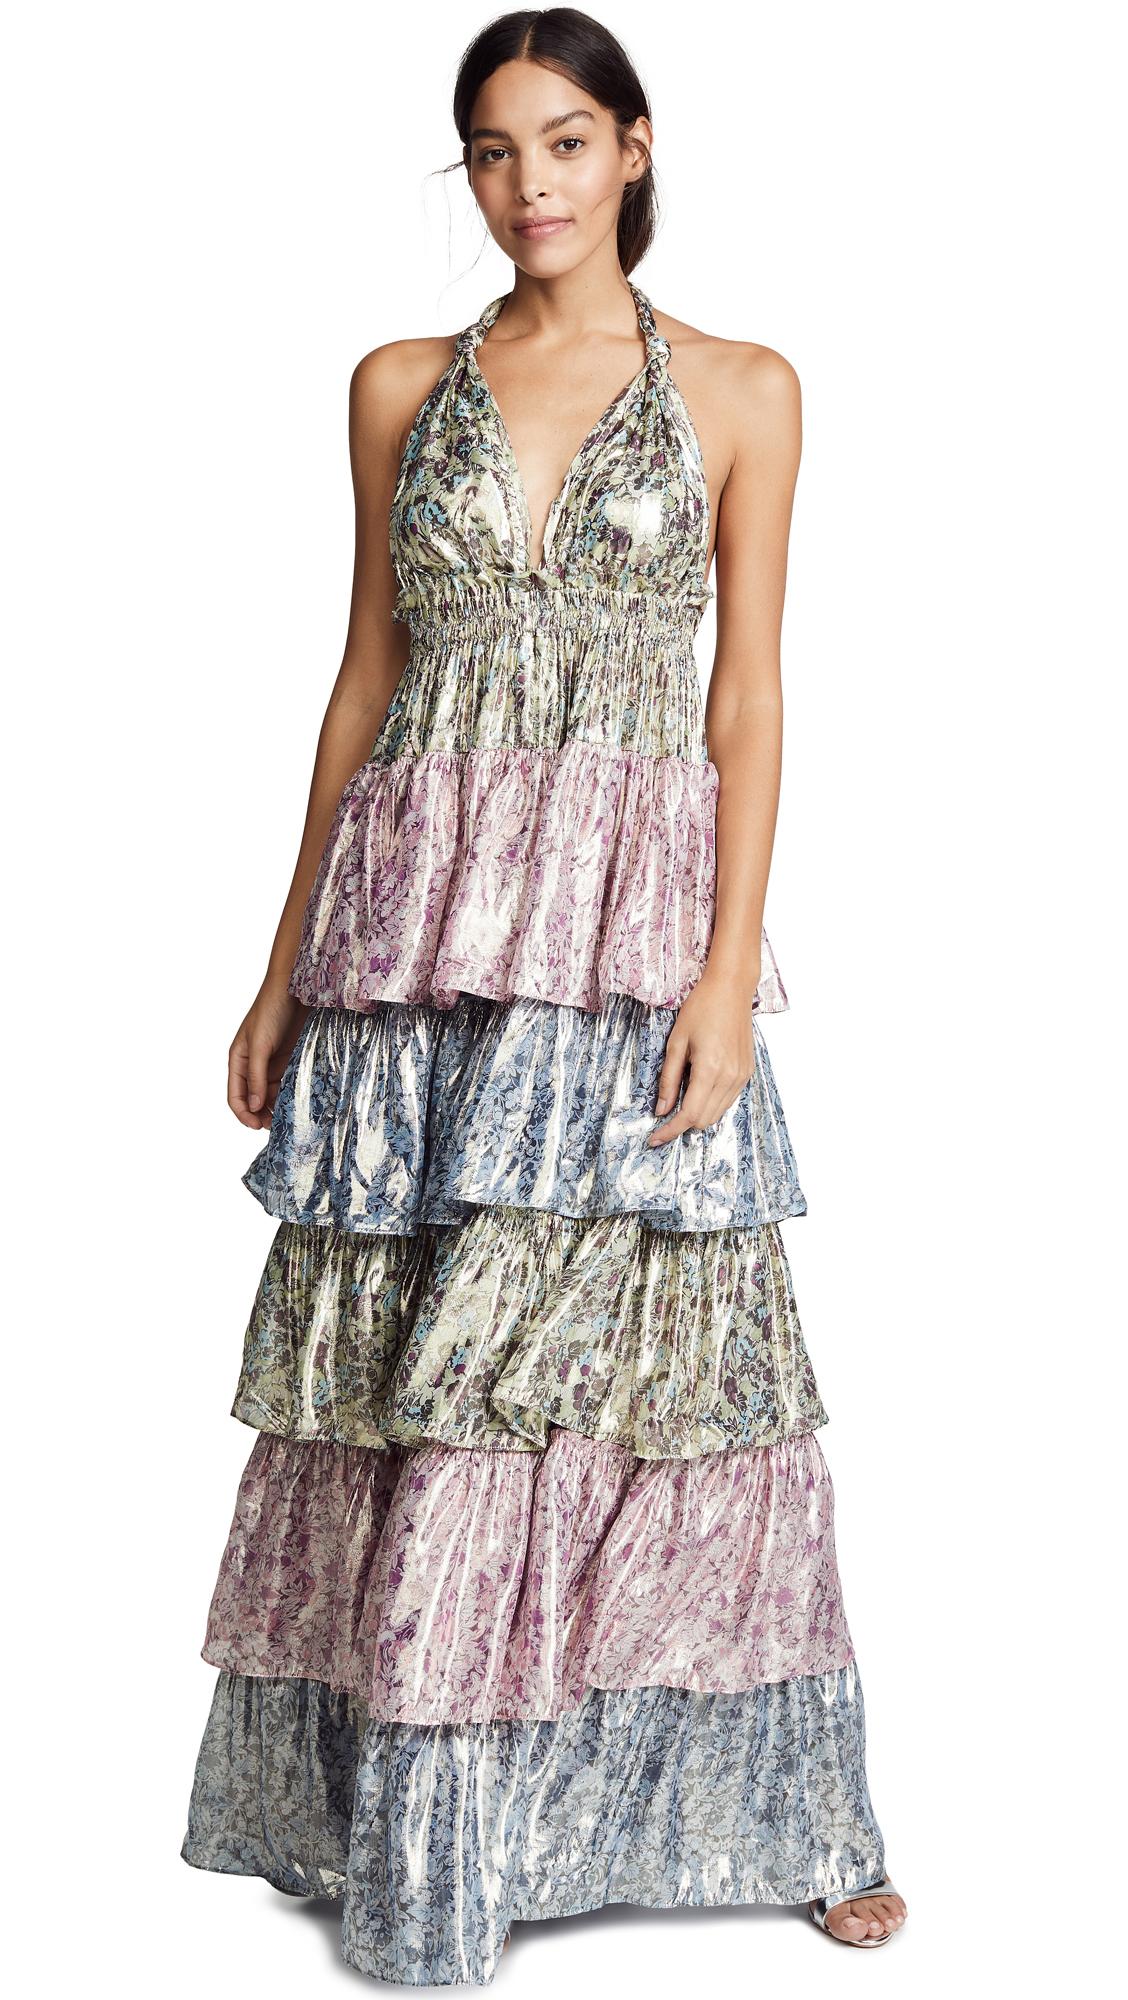 LOVESHACKFANCY Clarissa Dress - Multi